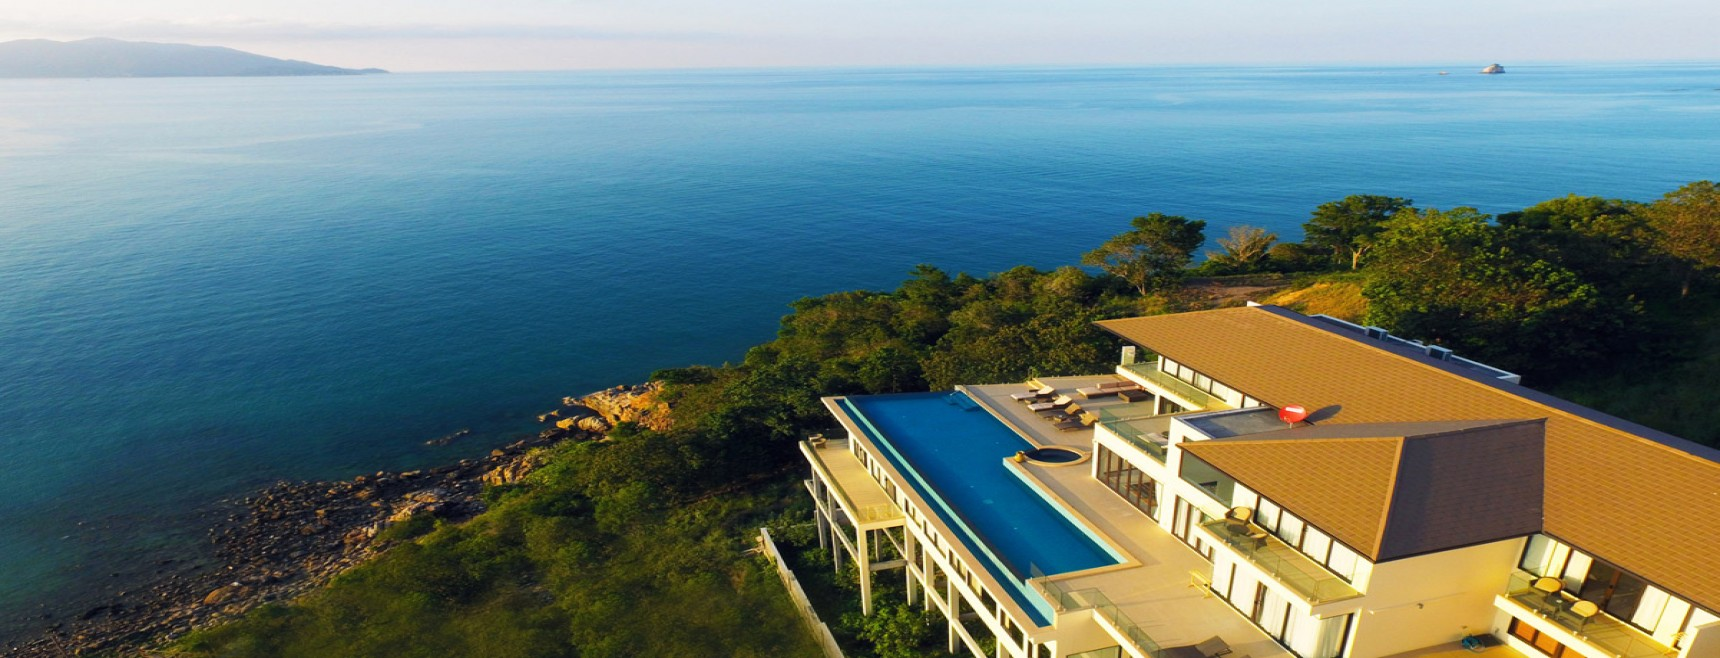 Villa Tasanee For Sale Koh Samui (Thai-Real.com)